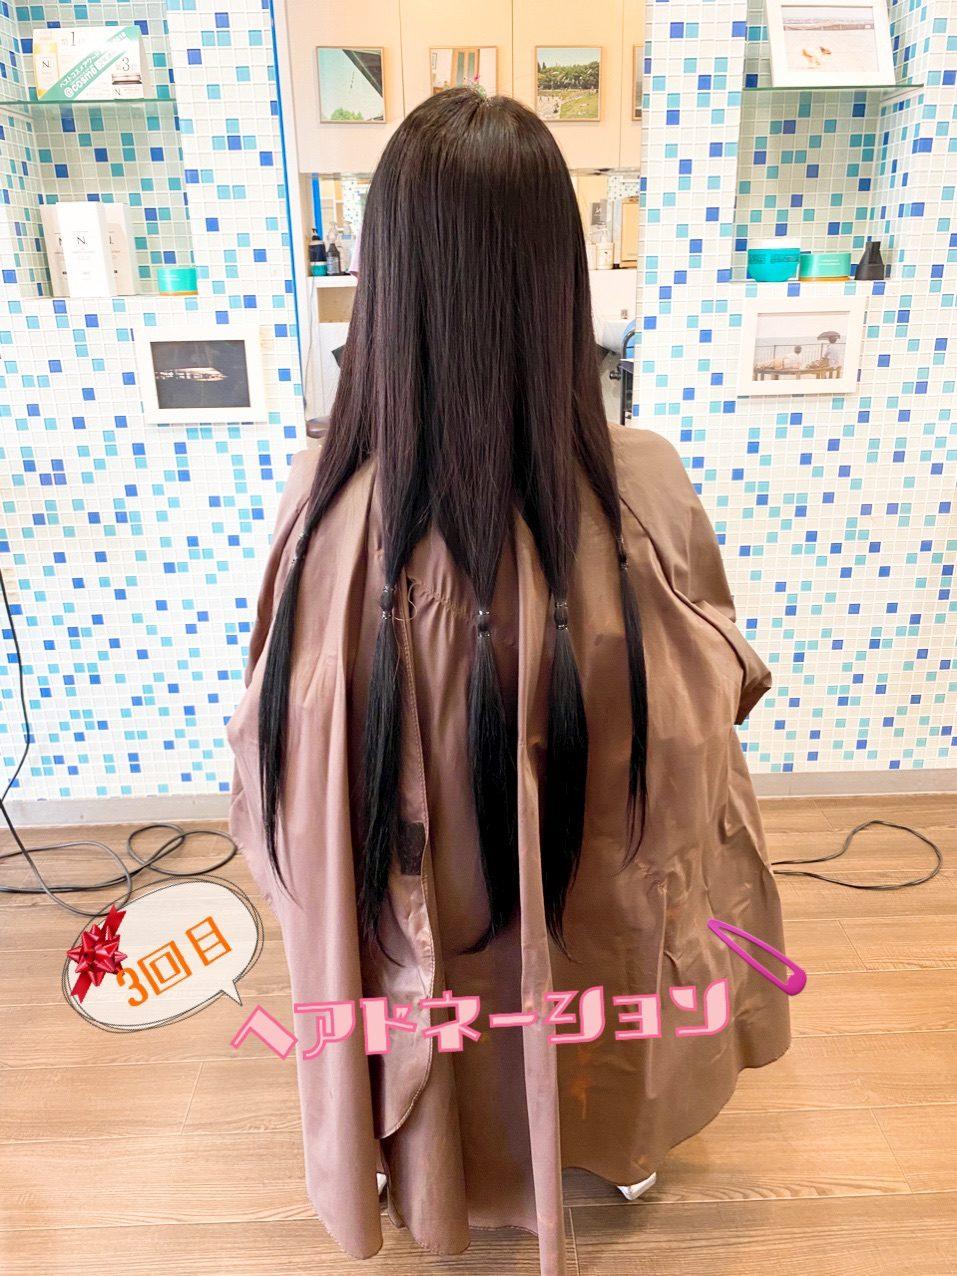 o0957127614841185084 1 - 3回目のヘアドネーション引退宣言☆